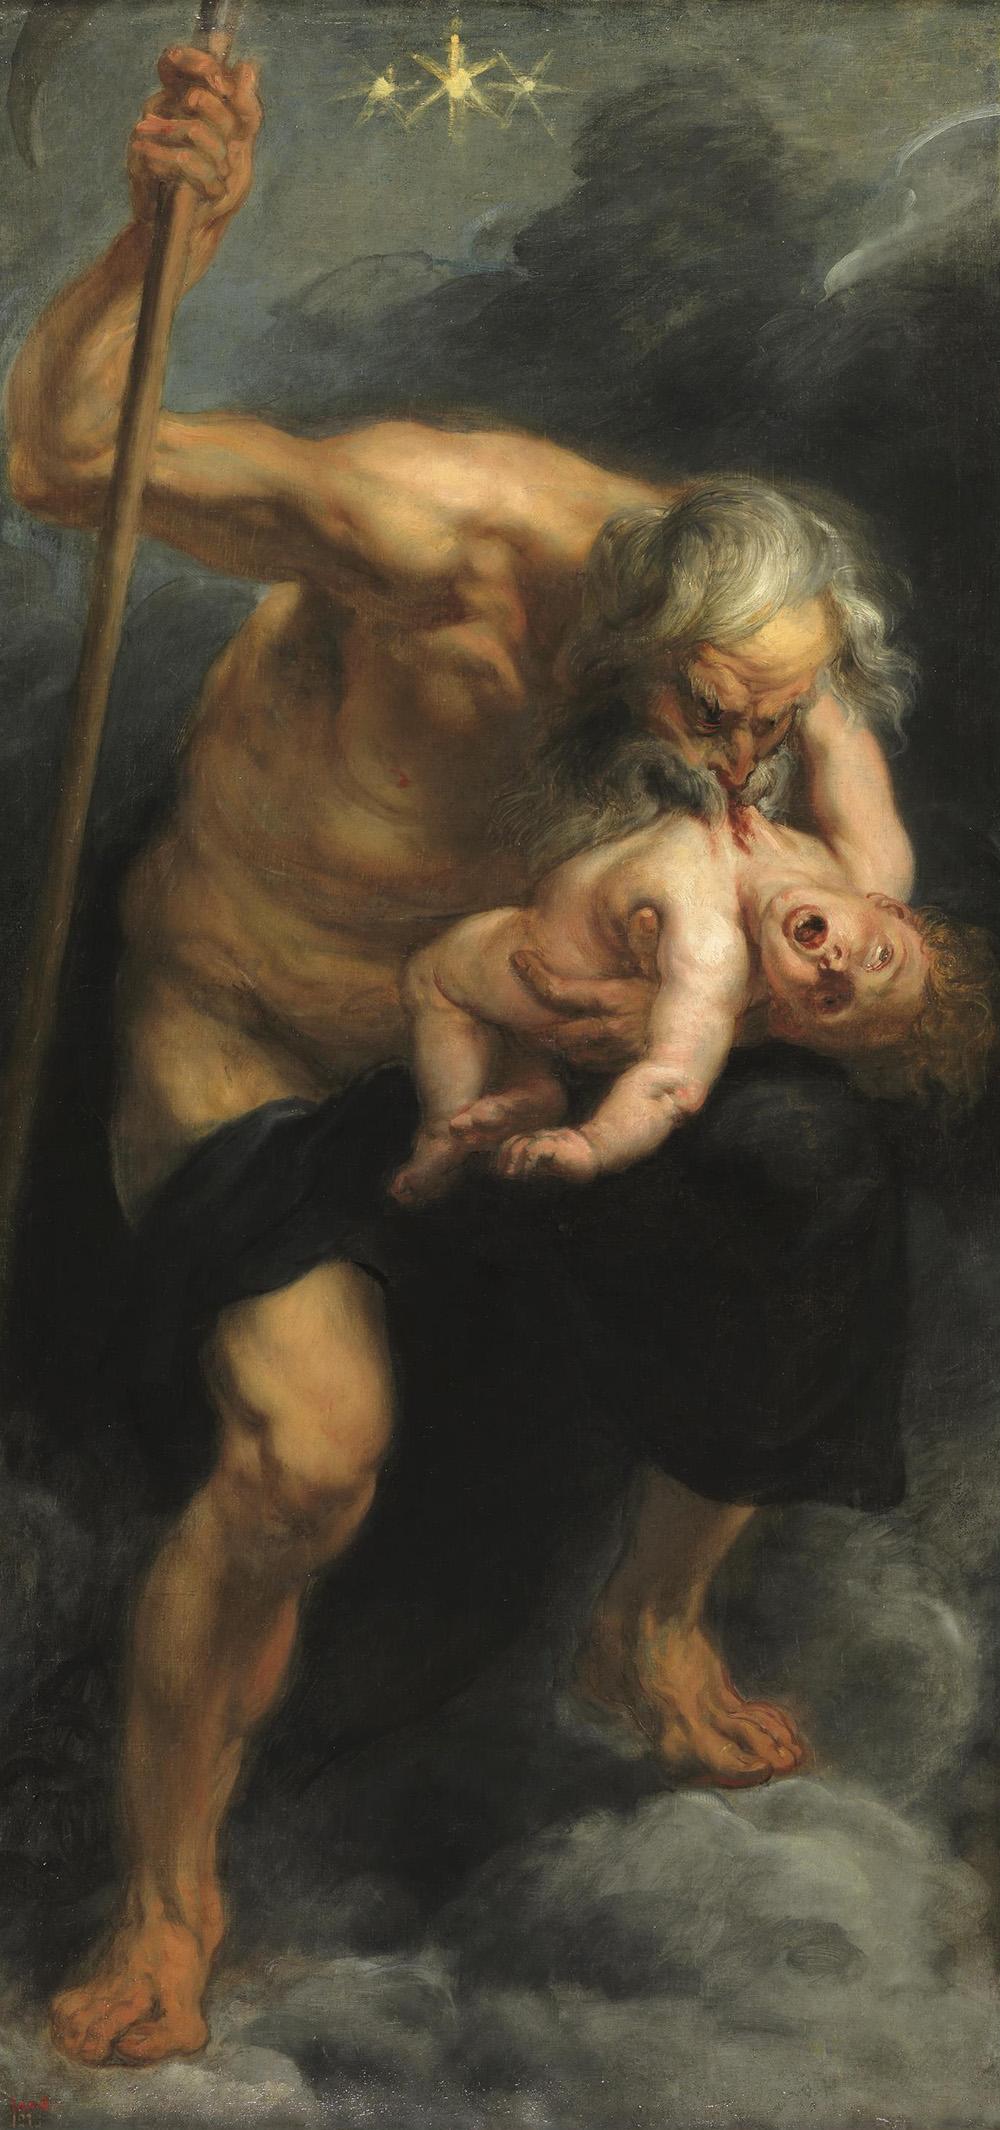 Una visita detallada al Museo del Prado 27 - Be There Before